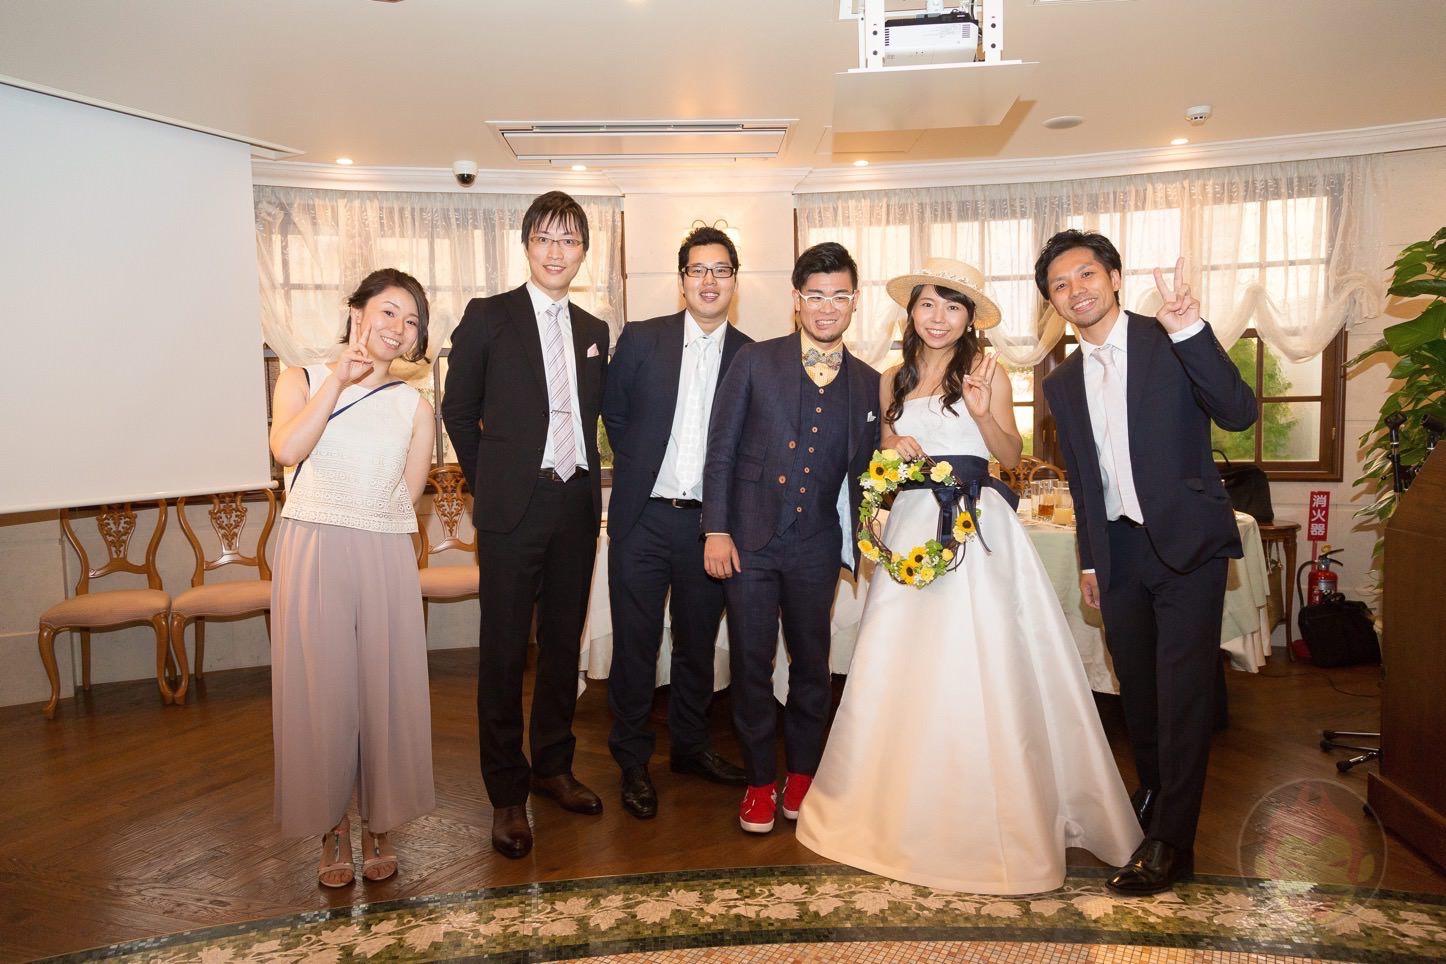 Hanzoya-Wedding-GoriMeYomeMe-186.jpg